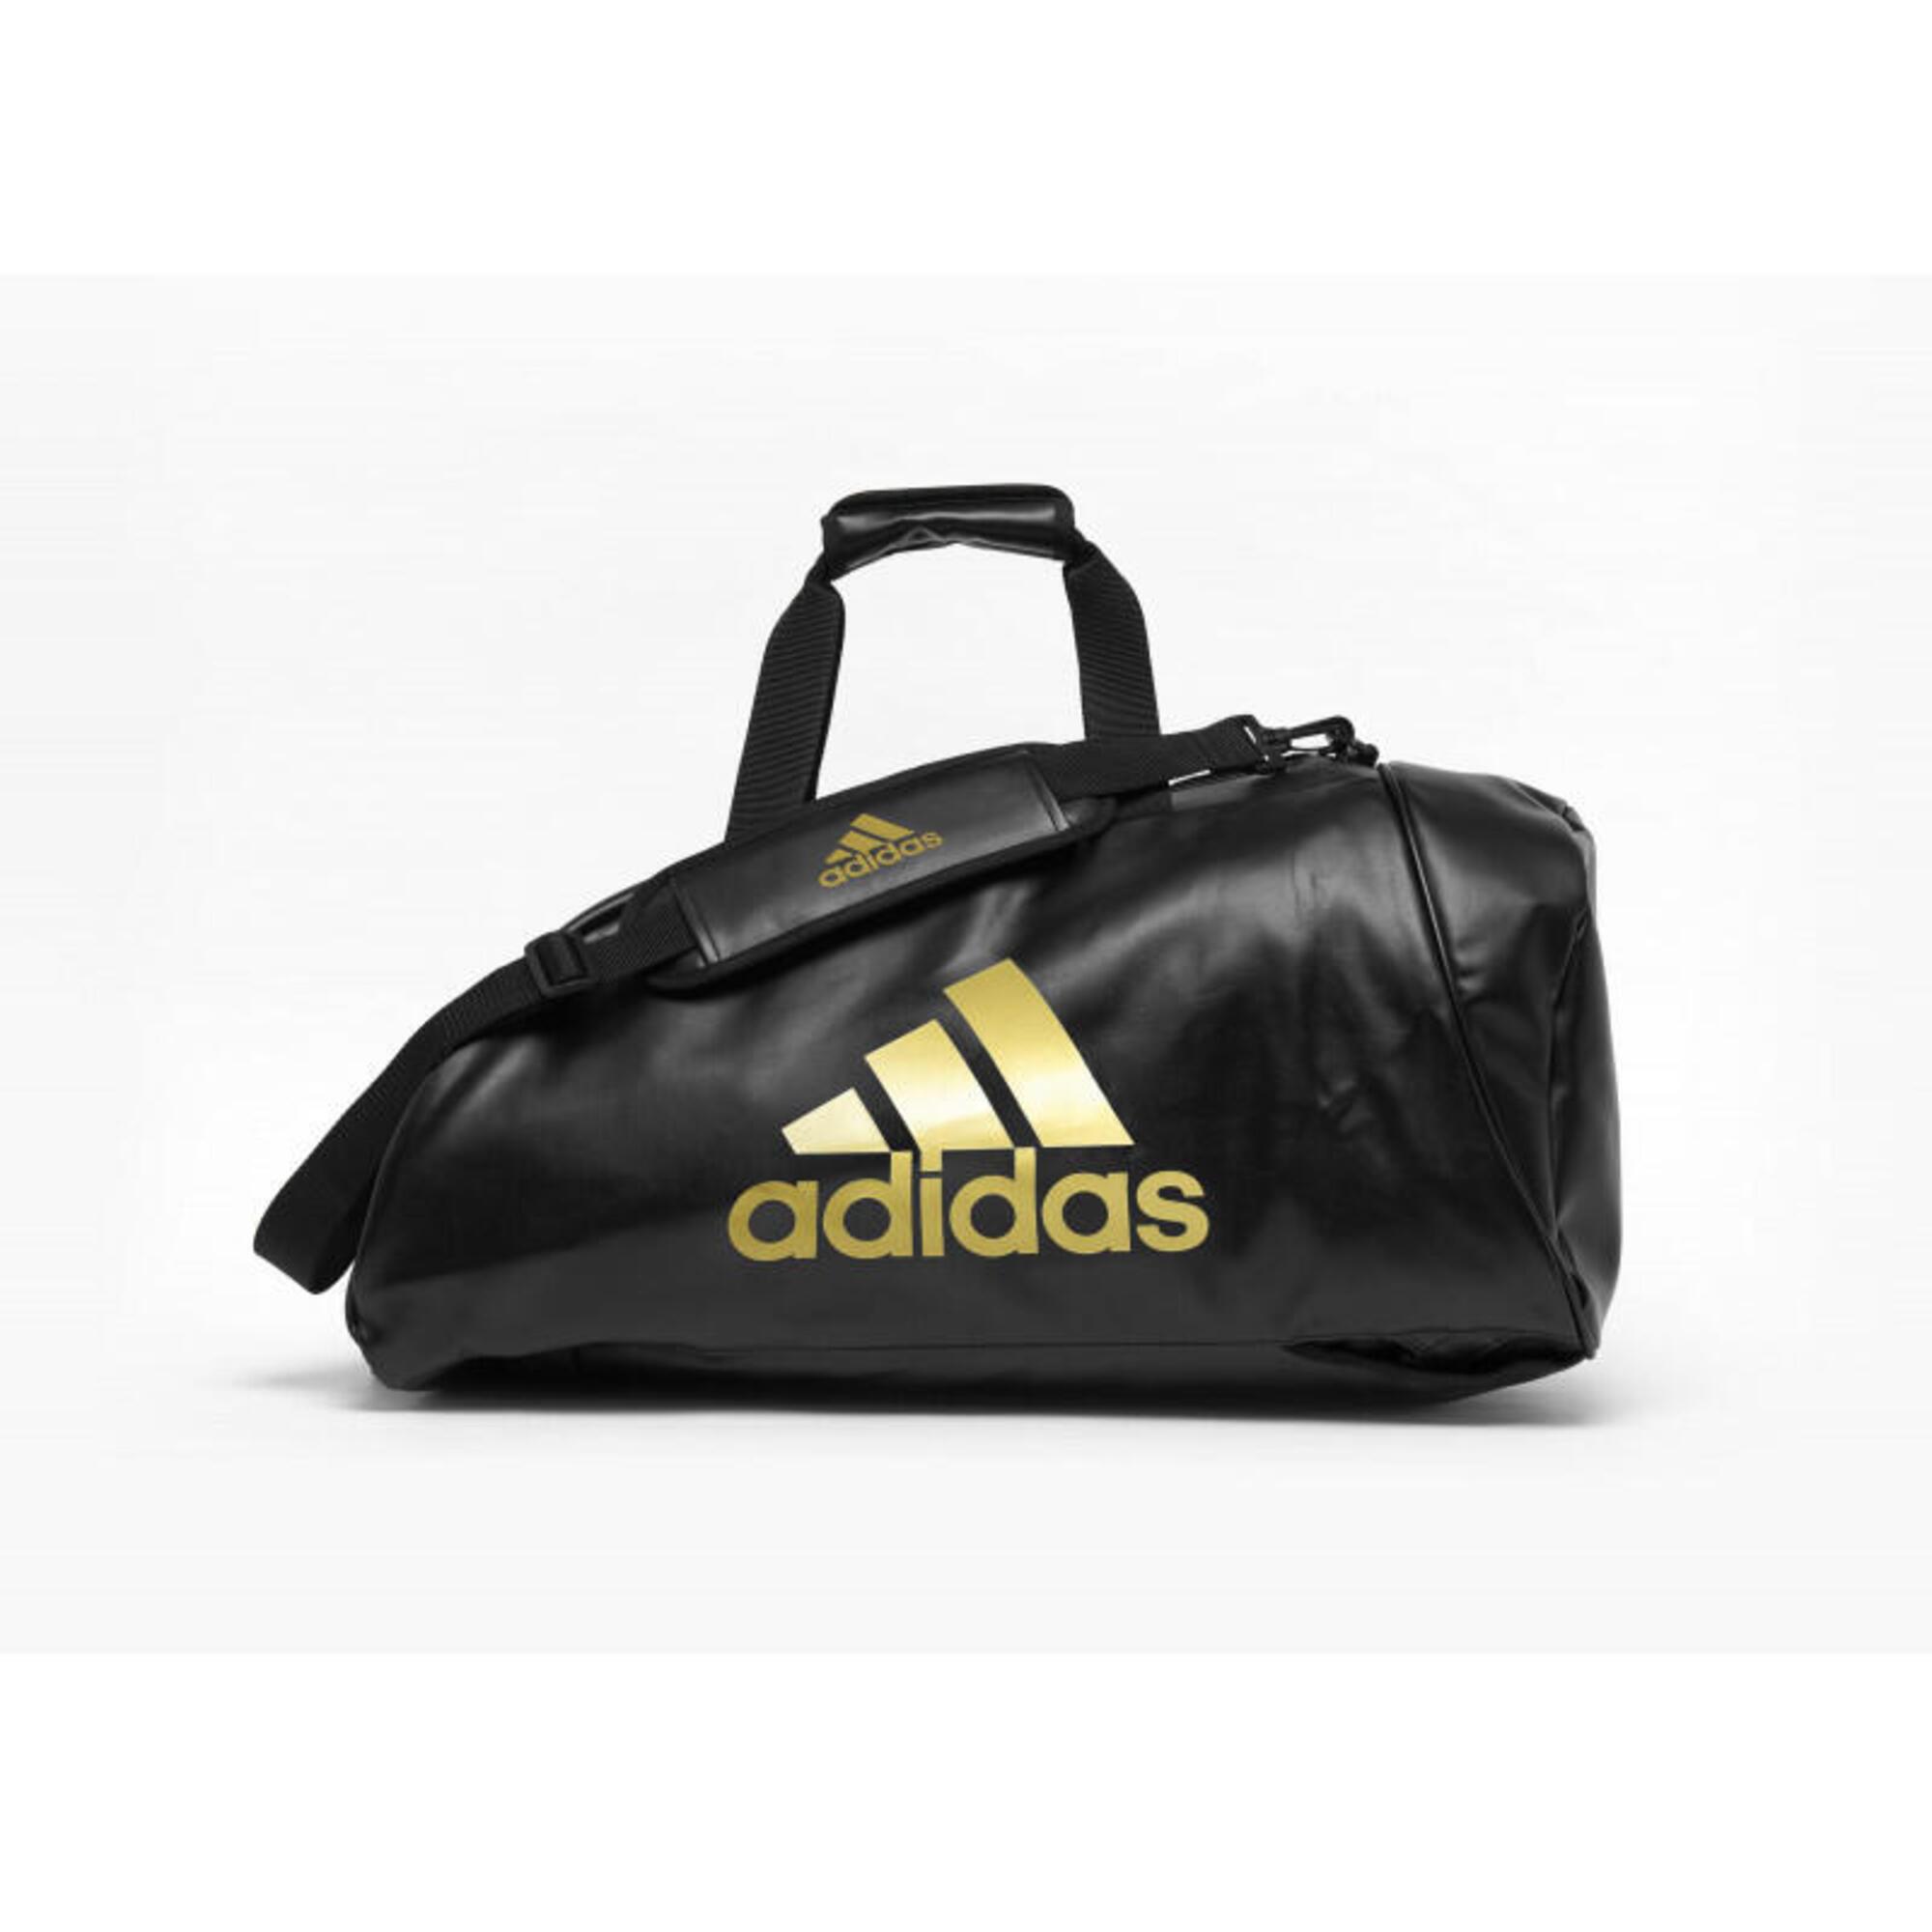 Sac de sport Adidas 2 en 1 logo or